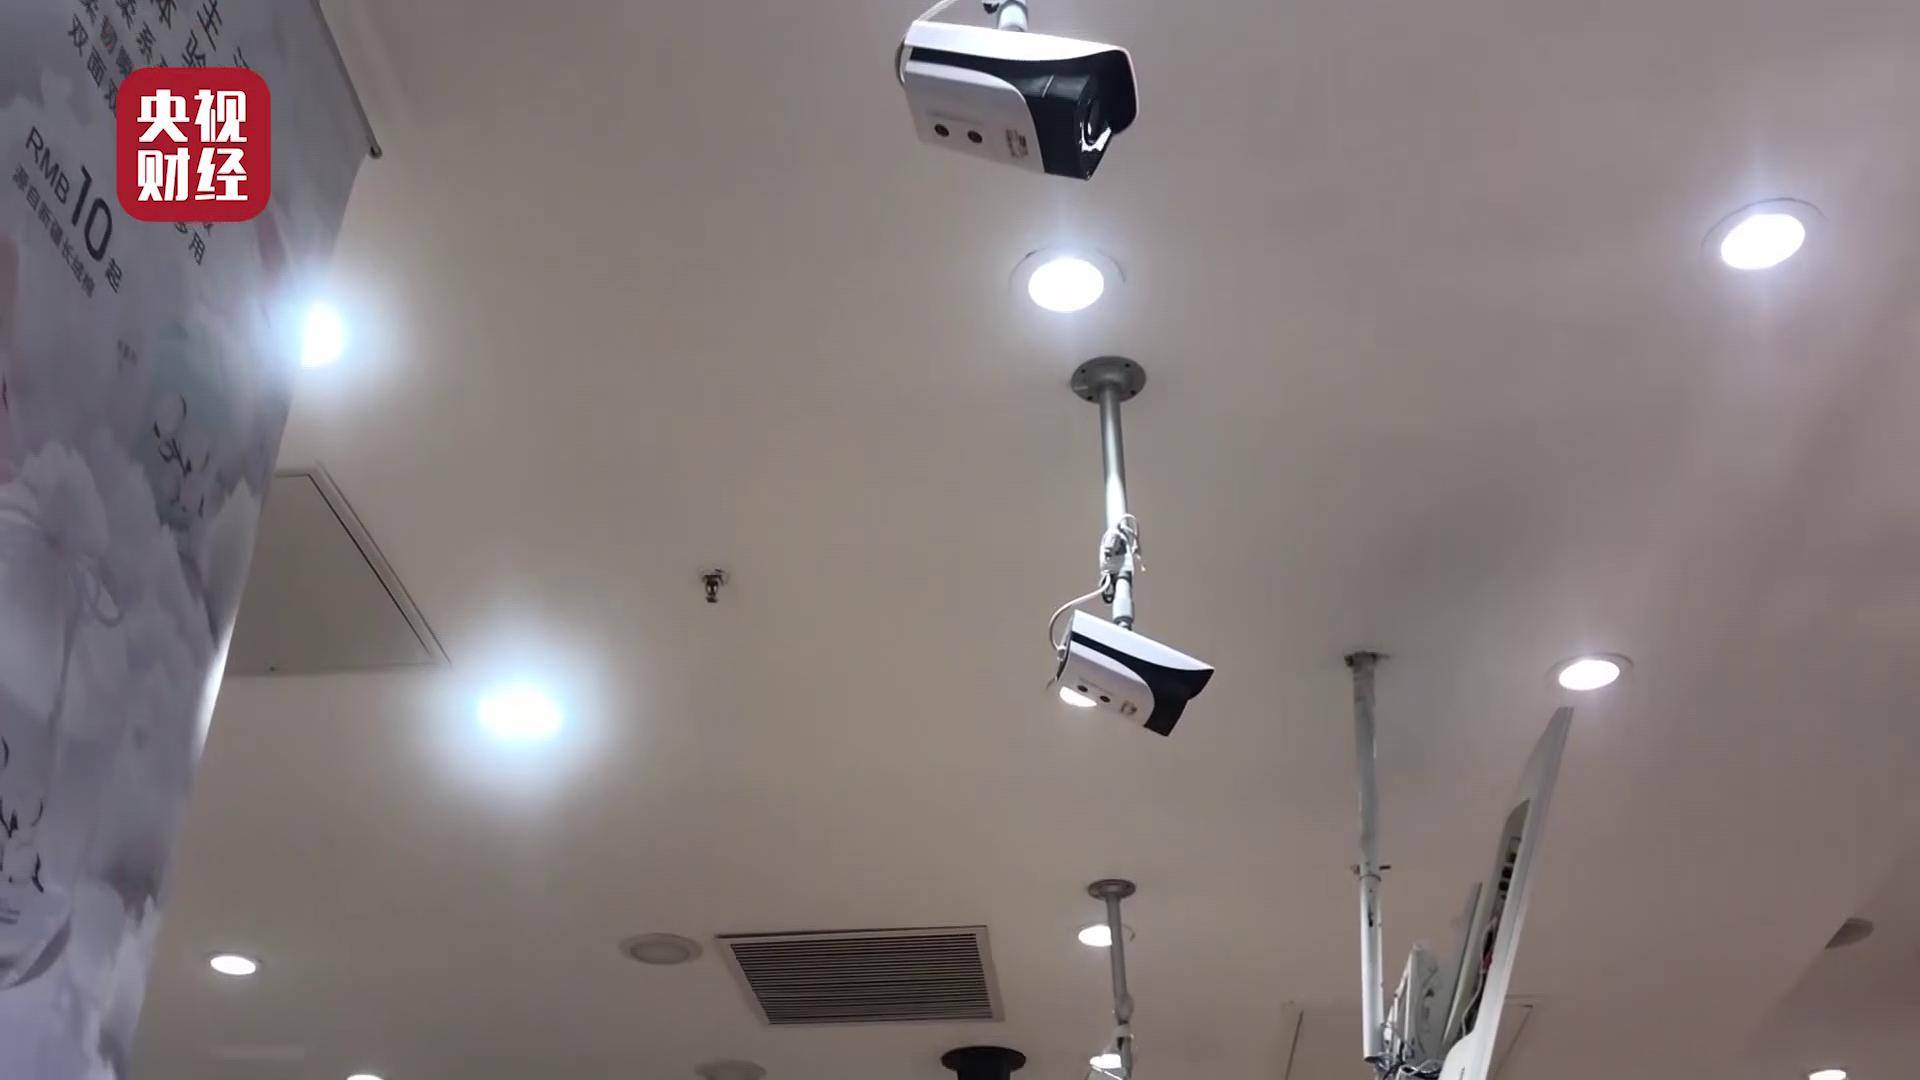 315晚會曝多家知名商店安裝人臉識別攝像頭,海量人臉信息已被蒐集_科勒